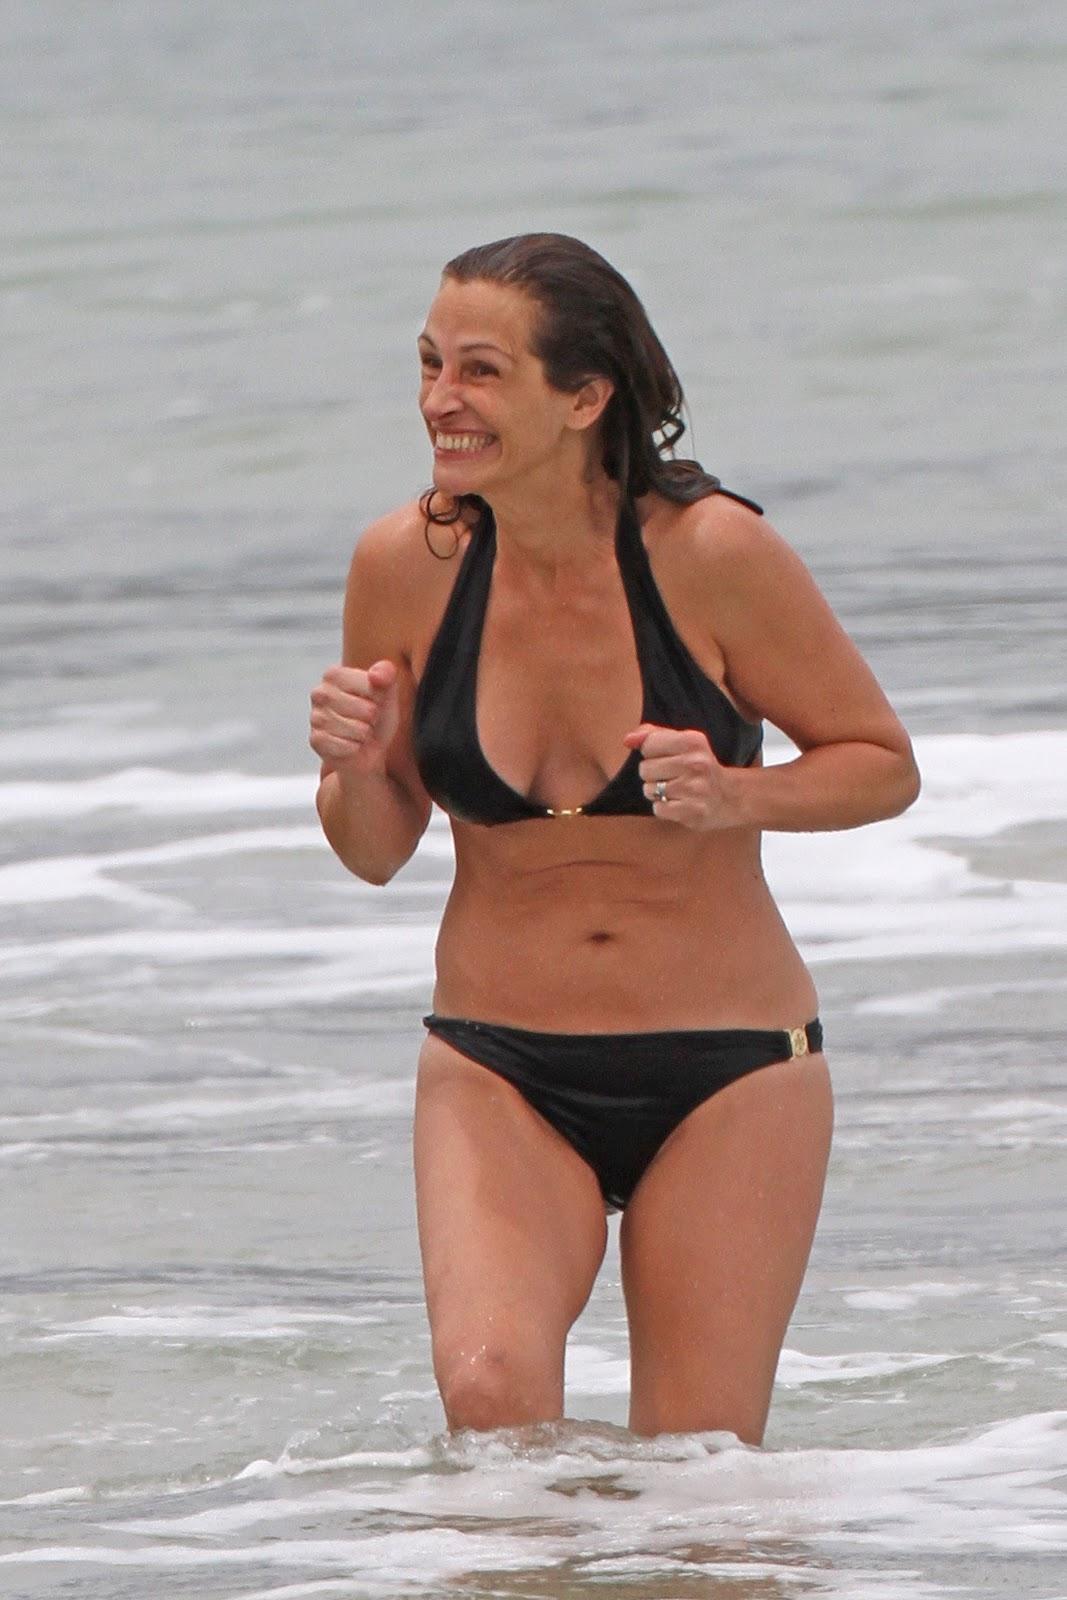 http://1.bp.blogspot.com/-OwMo7kcQNcw/T8DuAjL_hoI/AAAAAAAAHJg/z4zBSbmlozc/s1600/+Julia+Roberts+-+Bikini+candids+Hawaii+%2827%29.jpg